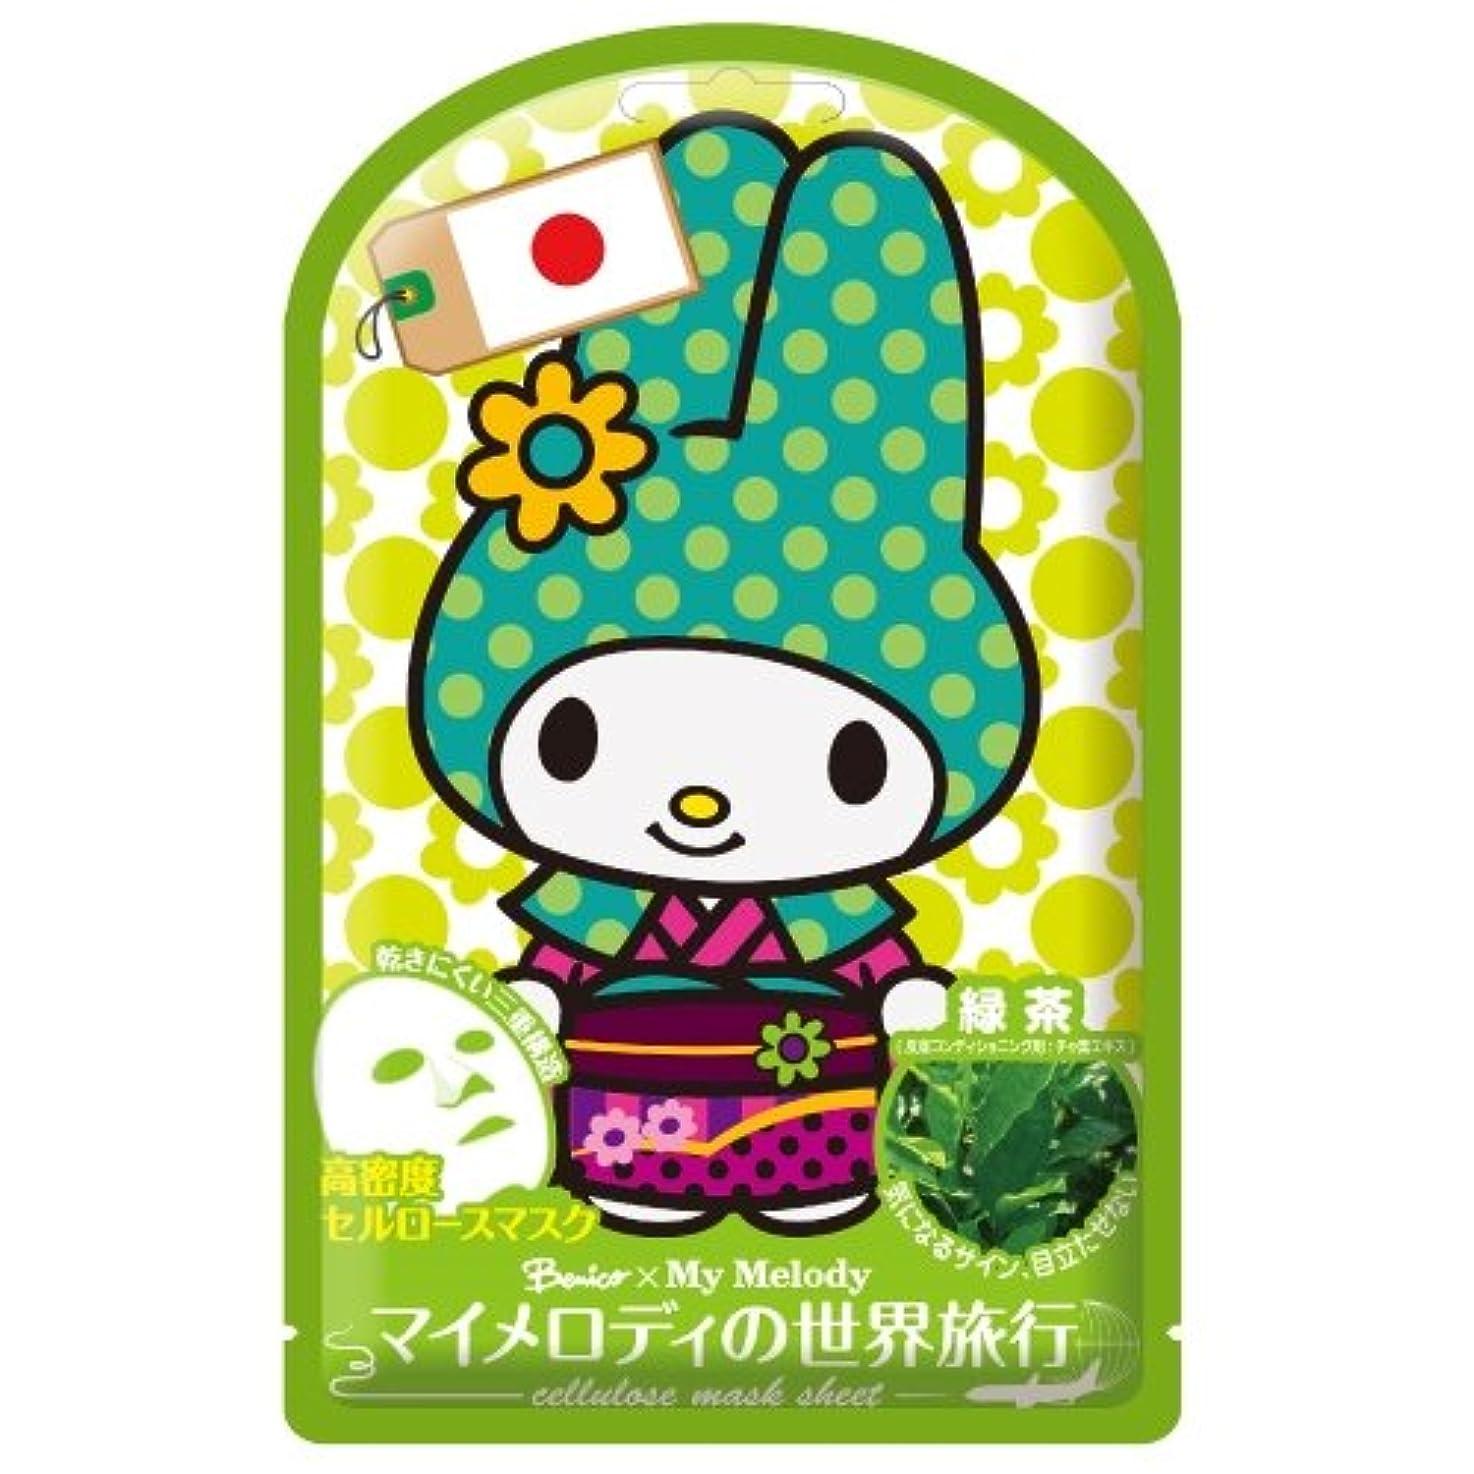 _ ベニコ×マイメロディ 世界旅行マスクシートJ(日本) 20ML